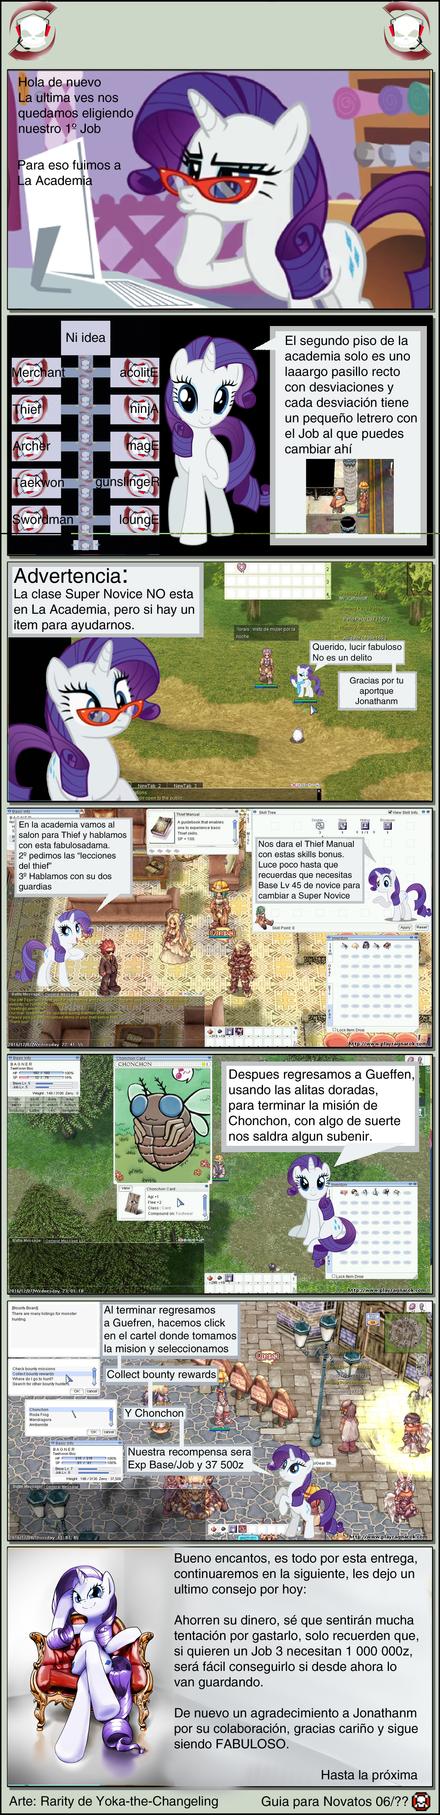 Guia para principiantes en Ragnarock 6 by GranJaguarRojo